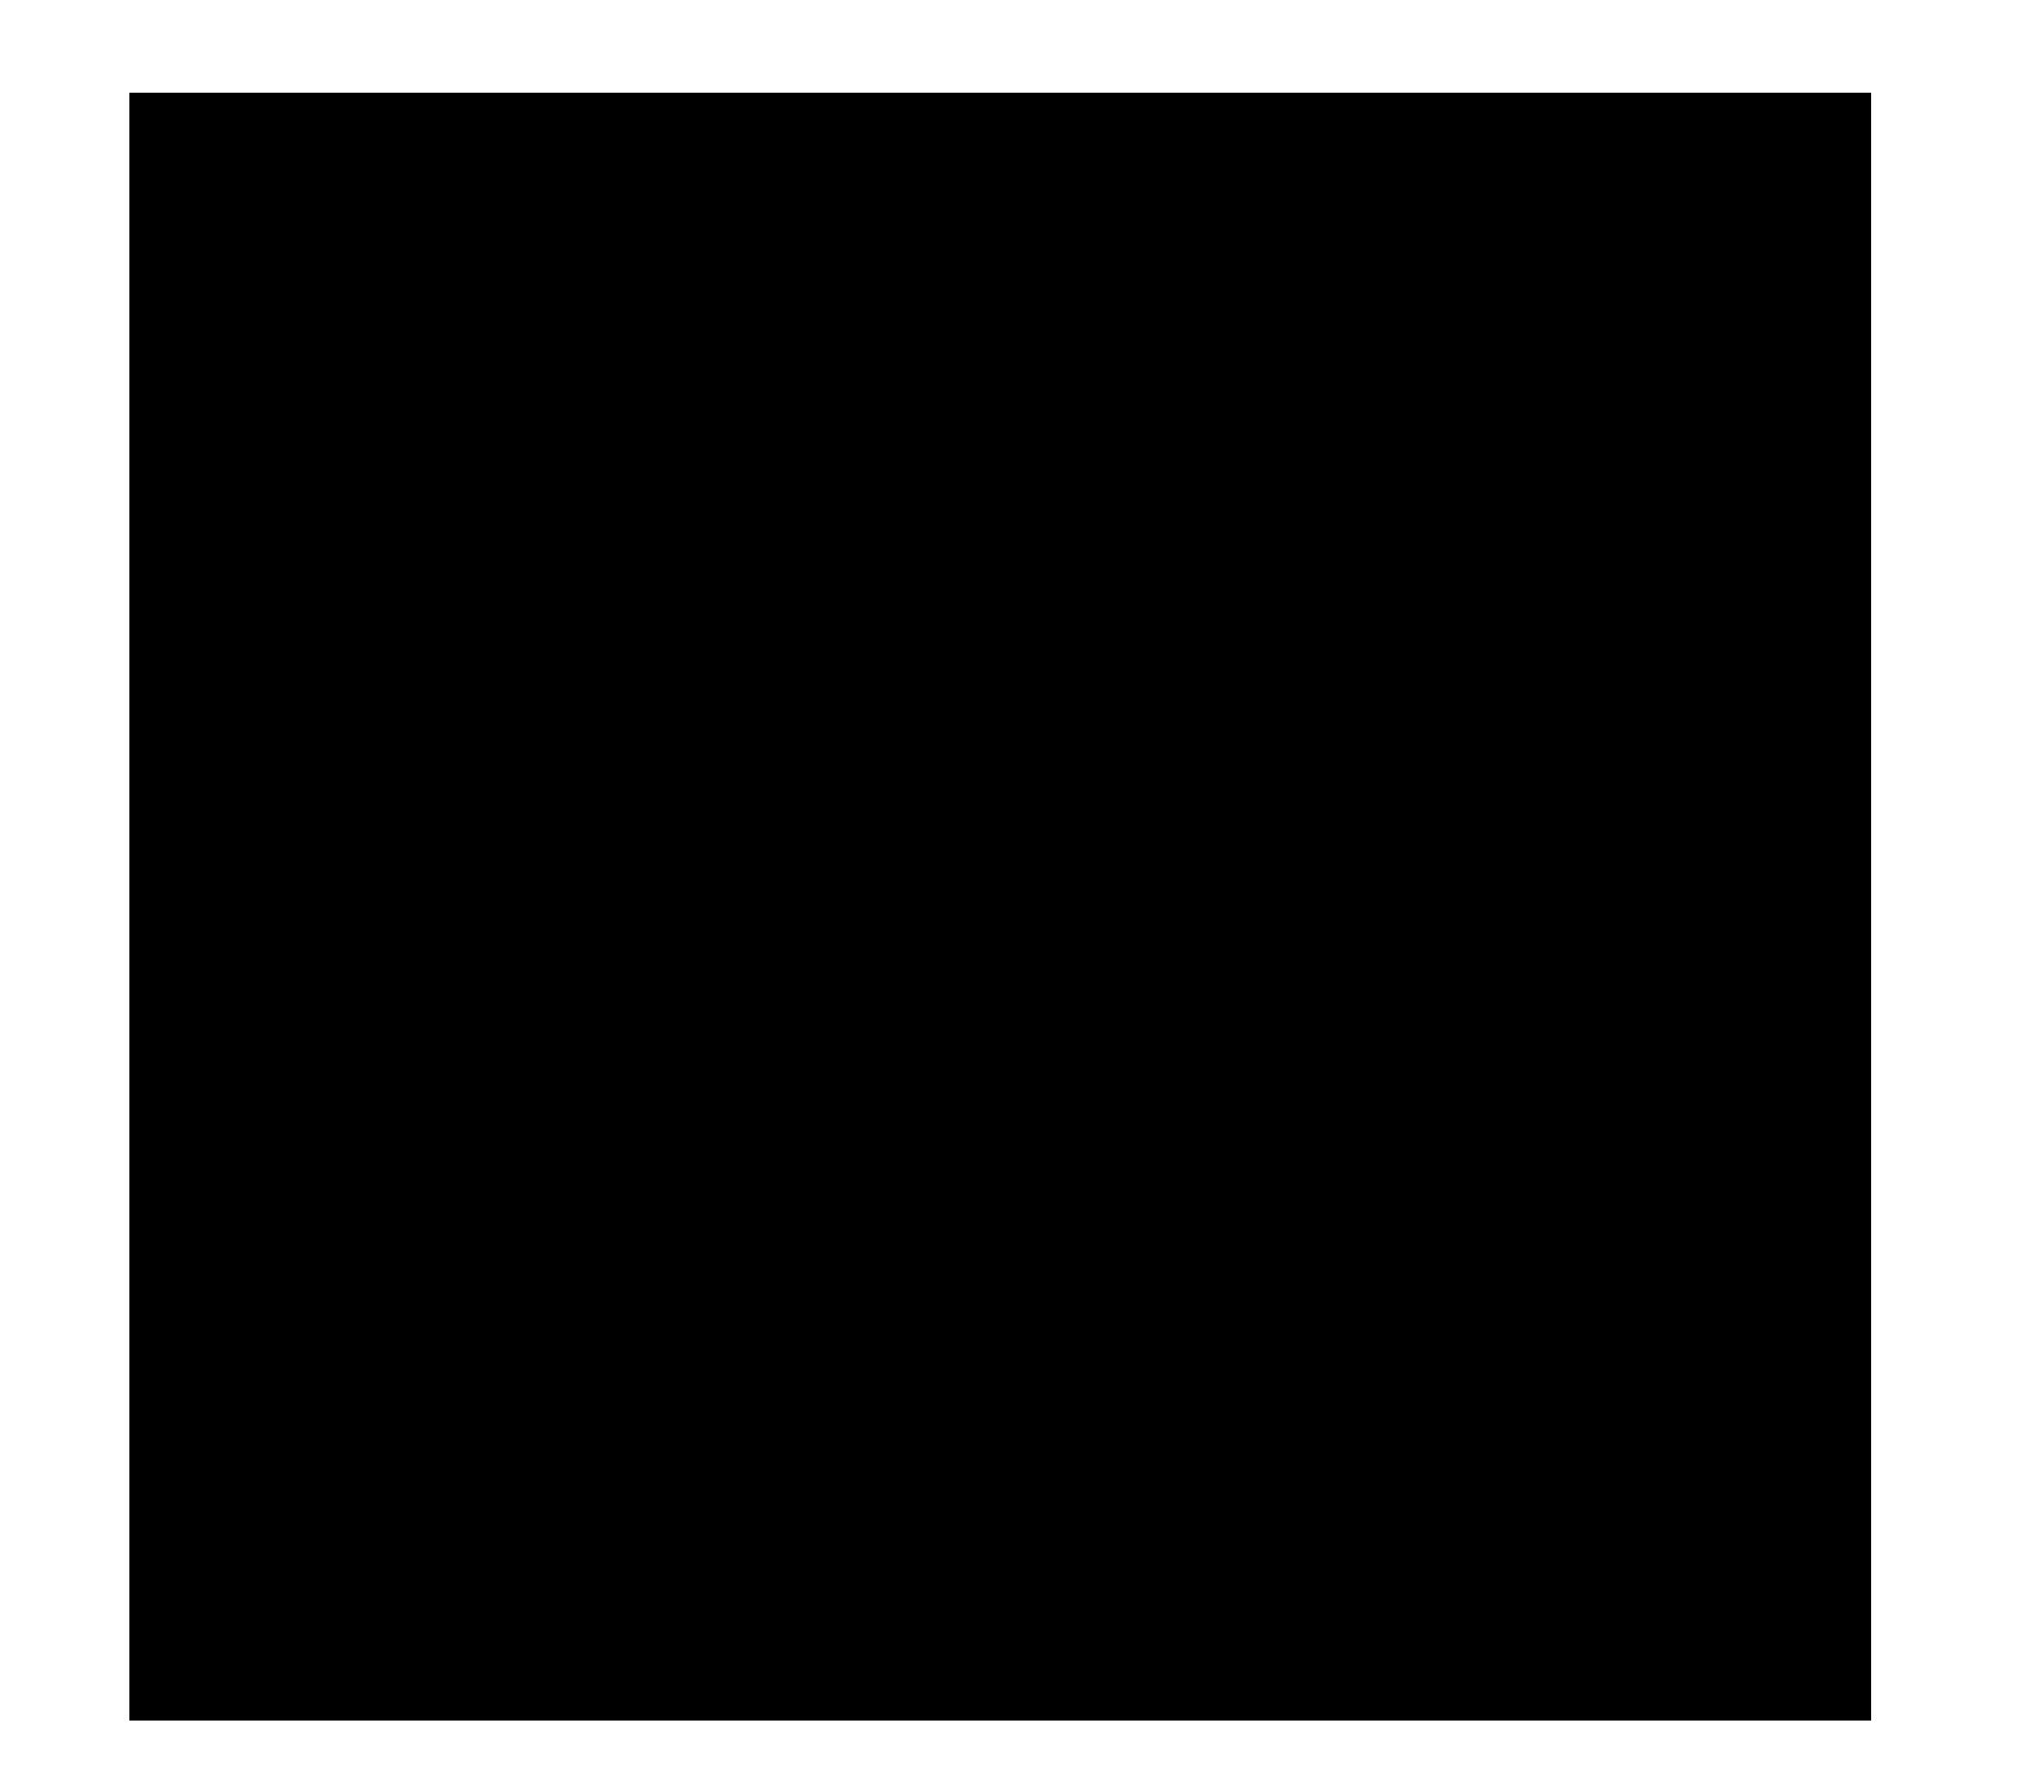 isometrie1